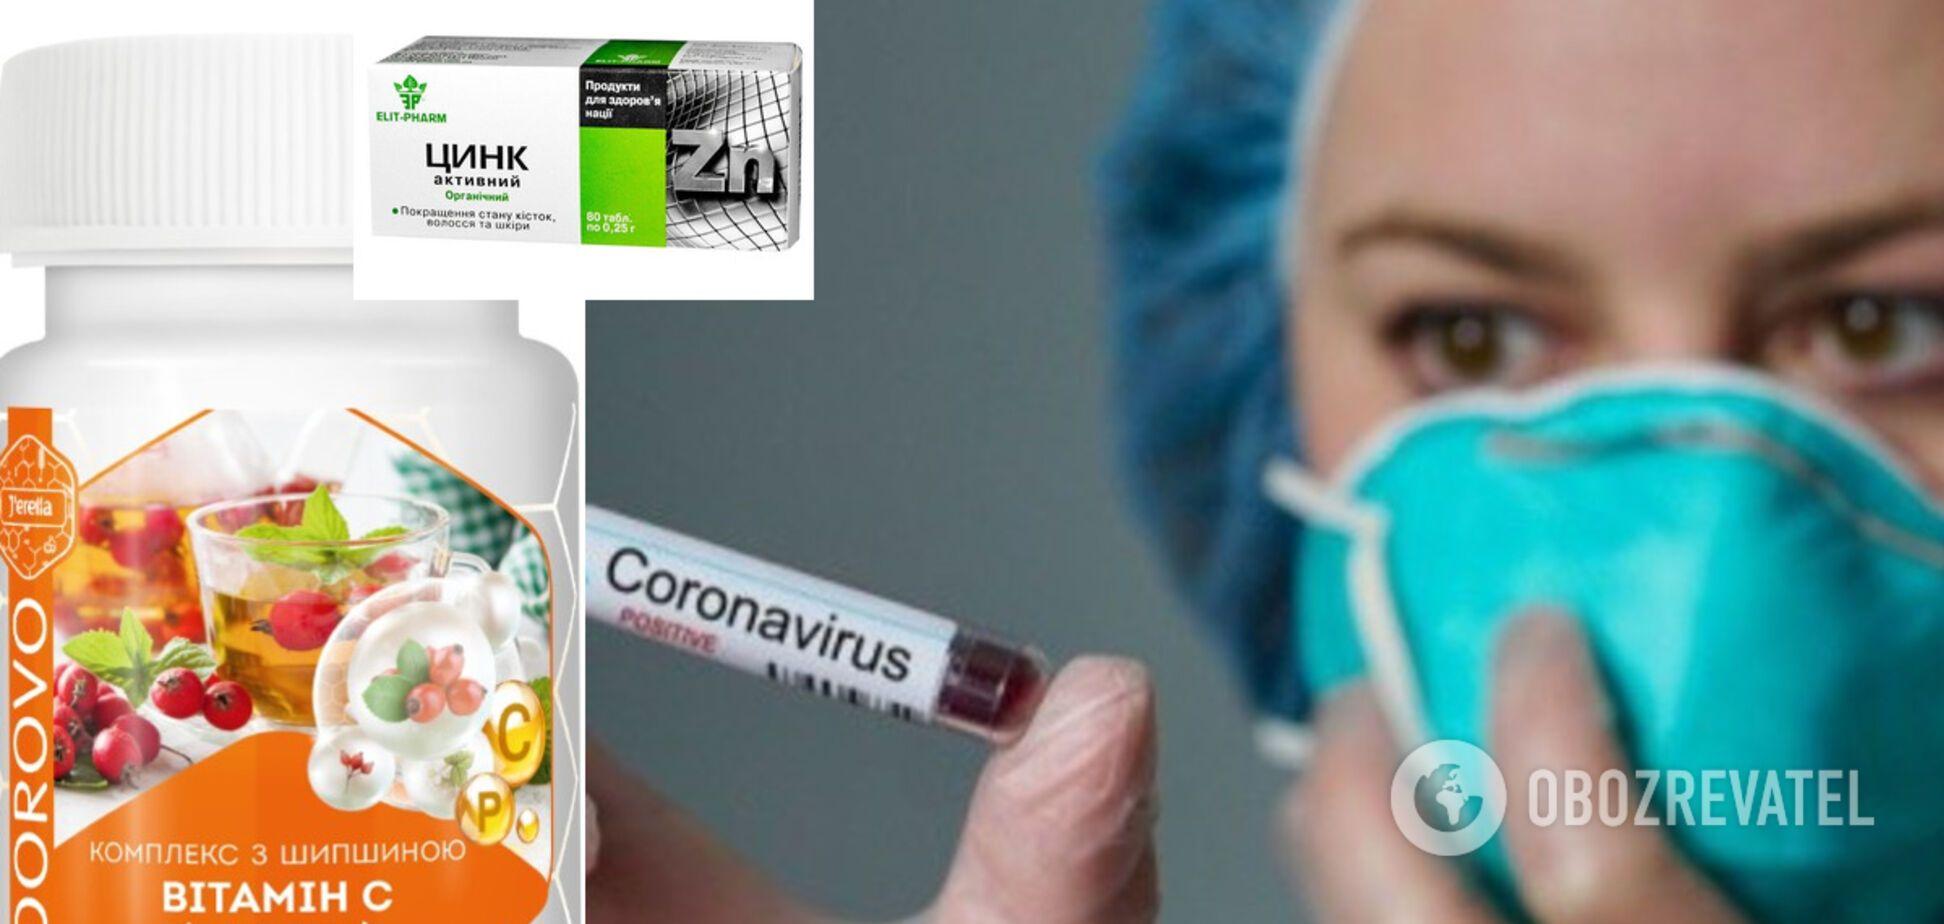 Витамин С и цинк при коронавирусе: врач из США объяснила, есть ли толк